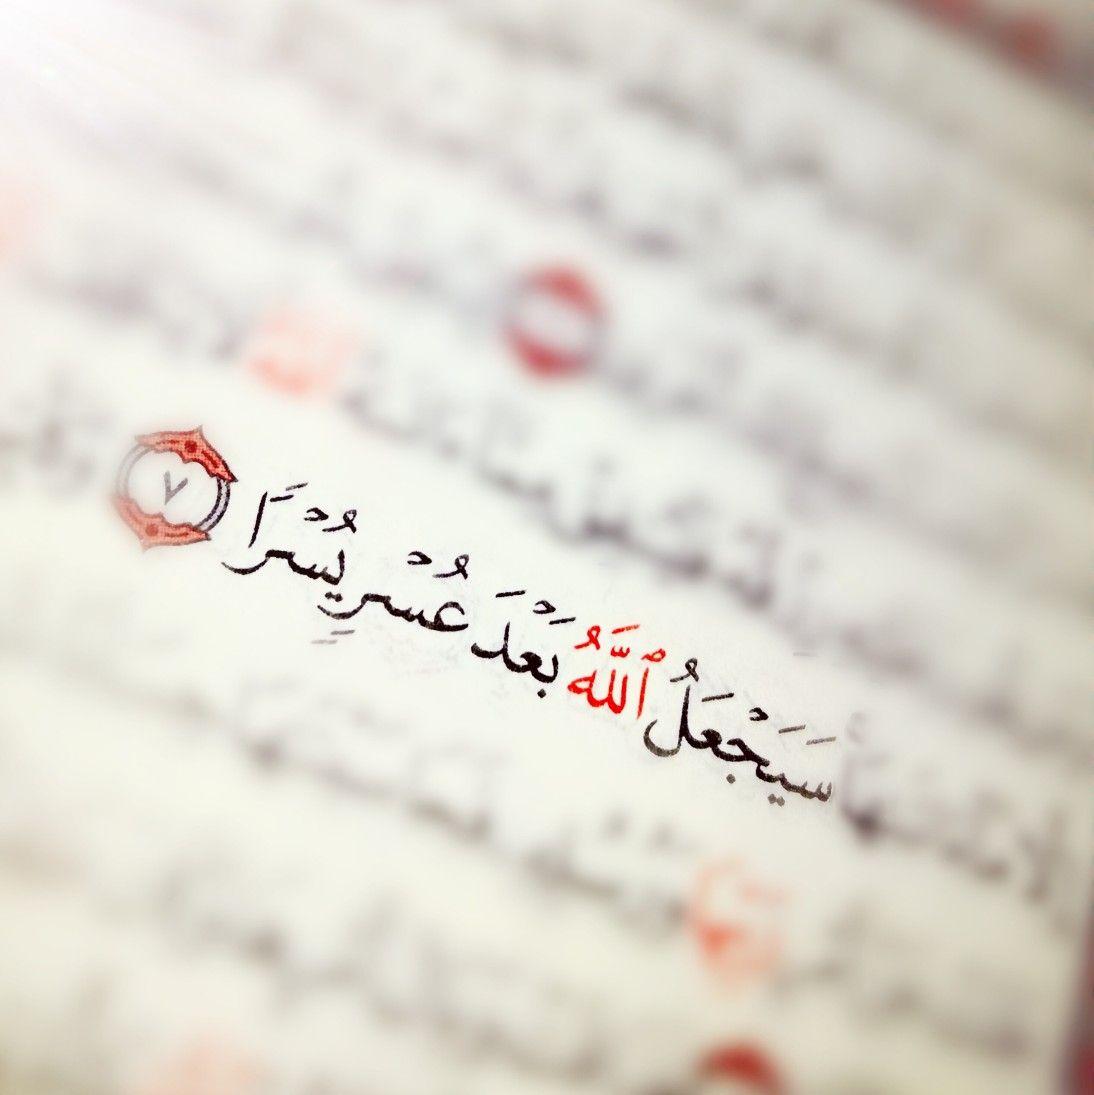 سيجعل الله بعد عسر يسرا Quran Quotes Islamic Quotes Islamic Quotes Quran